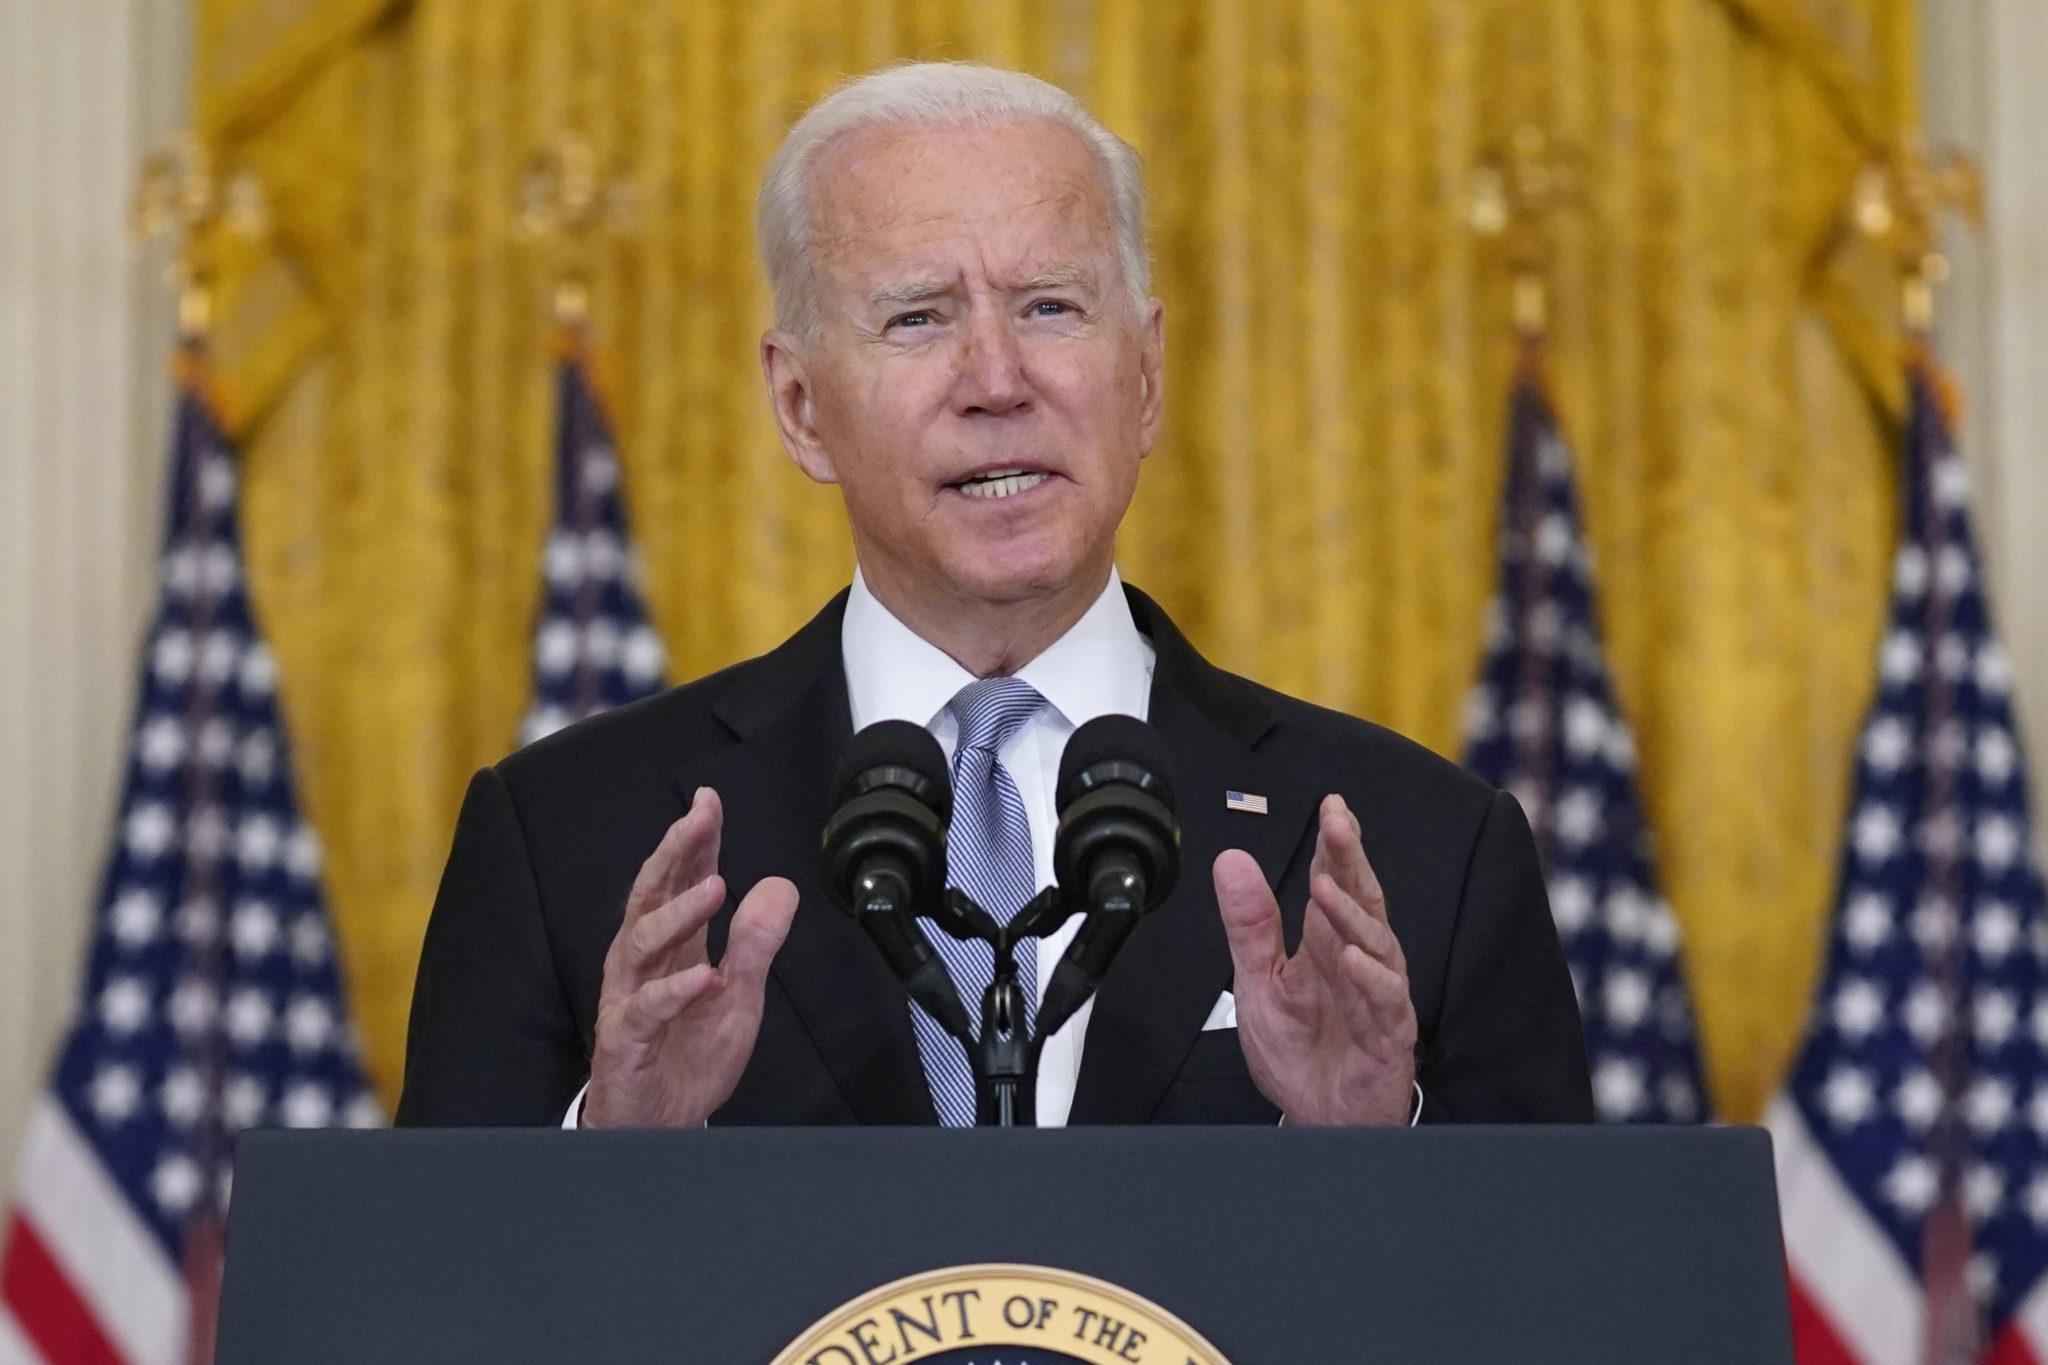 Opinion: Joe Biden Is the Most Anti-War President in My Lifetime